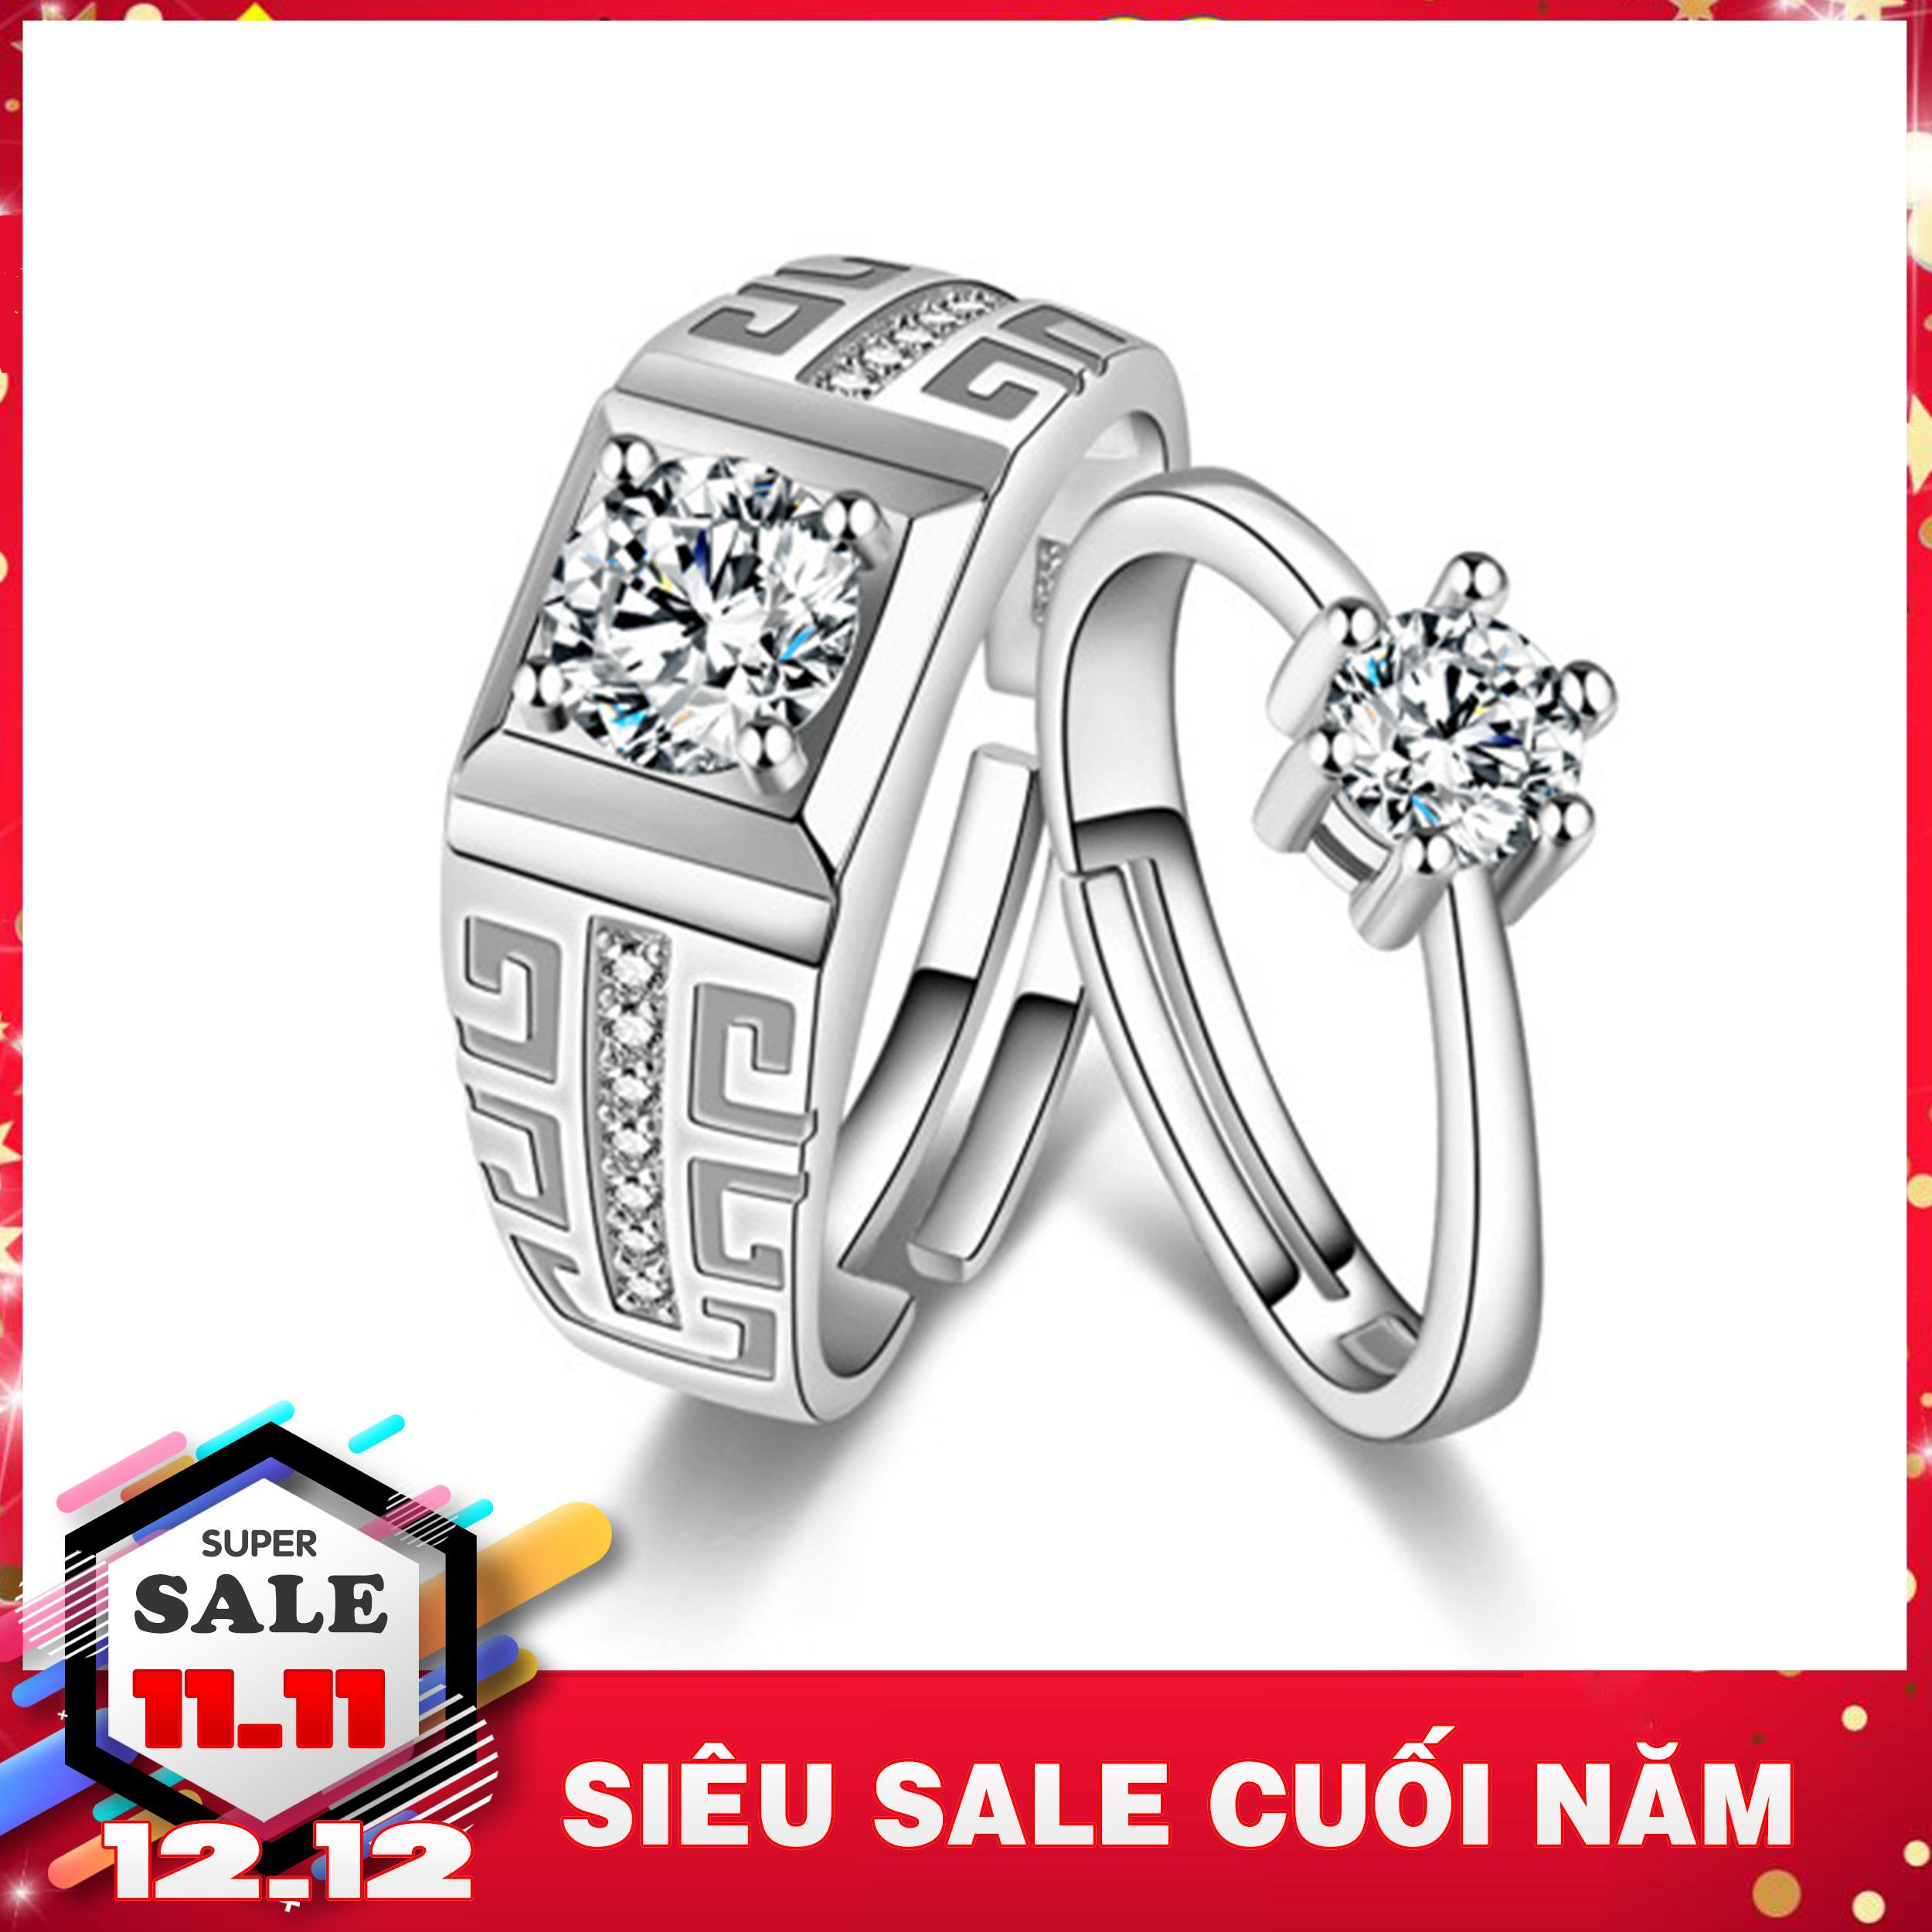 Nhẫn cặp bạc cao cấp - Nhẫn đôi bạc gắn đá - Trang sức bạc Panmila (TS-ND-PAJ041)